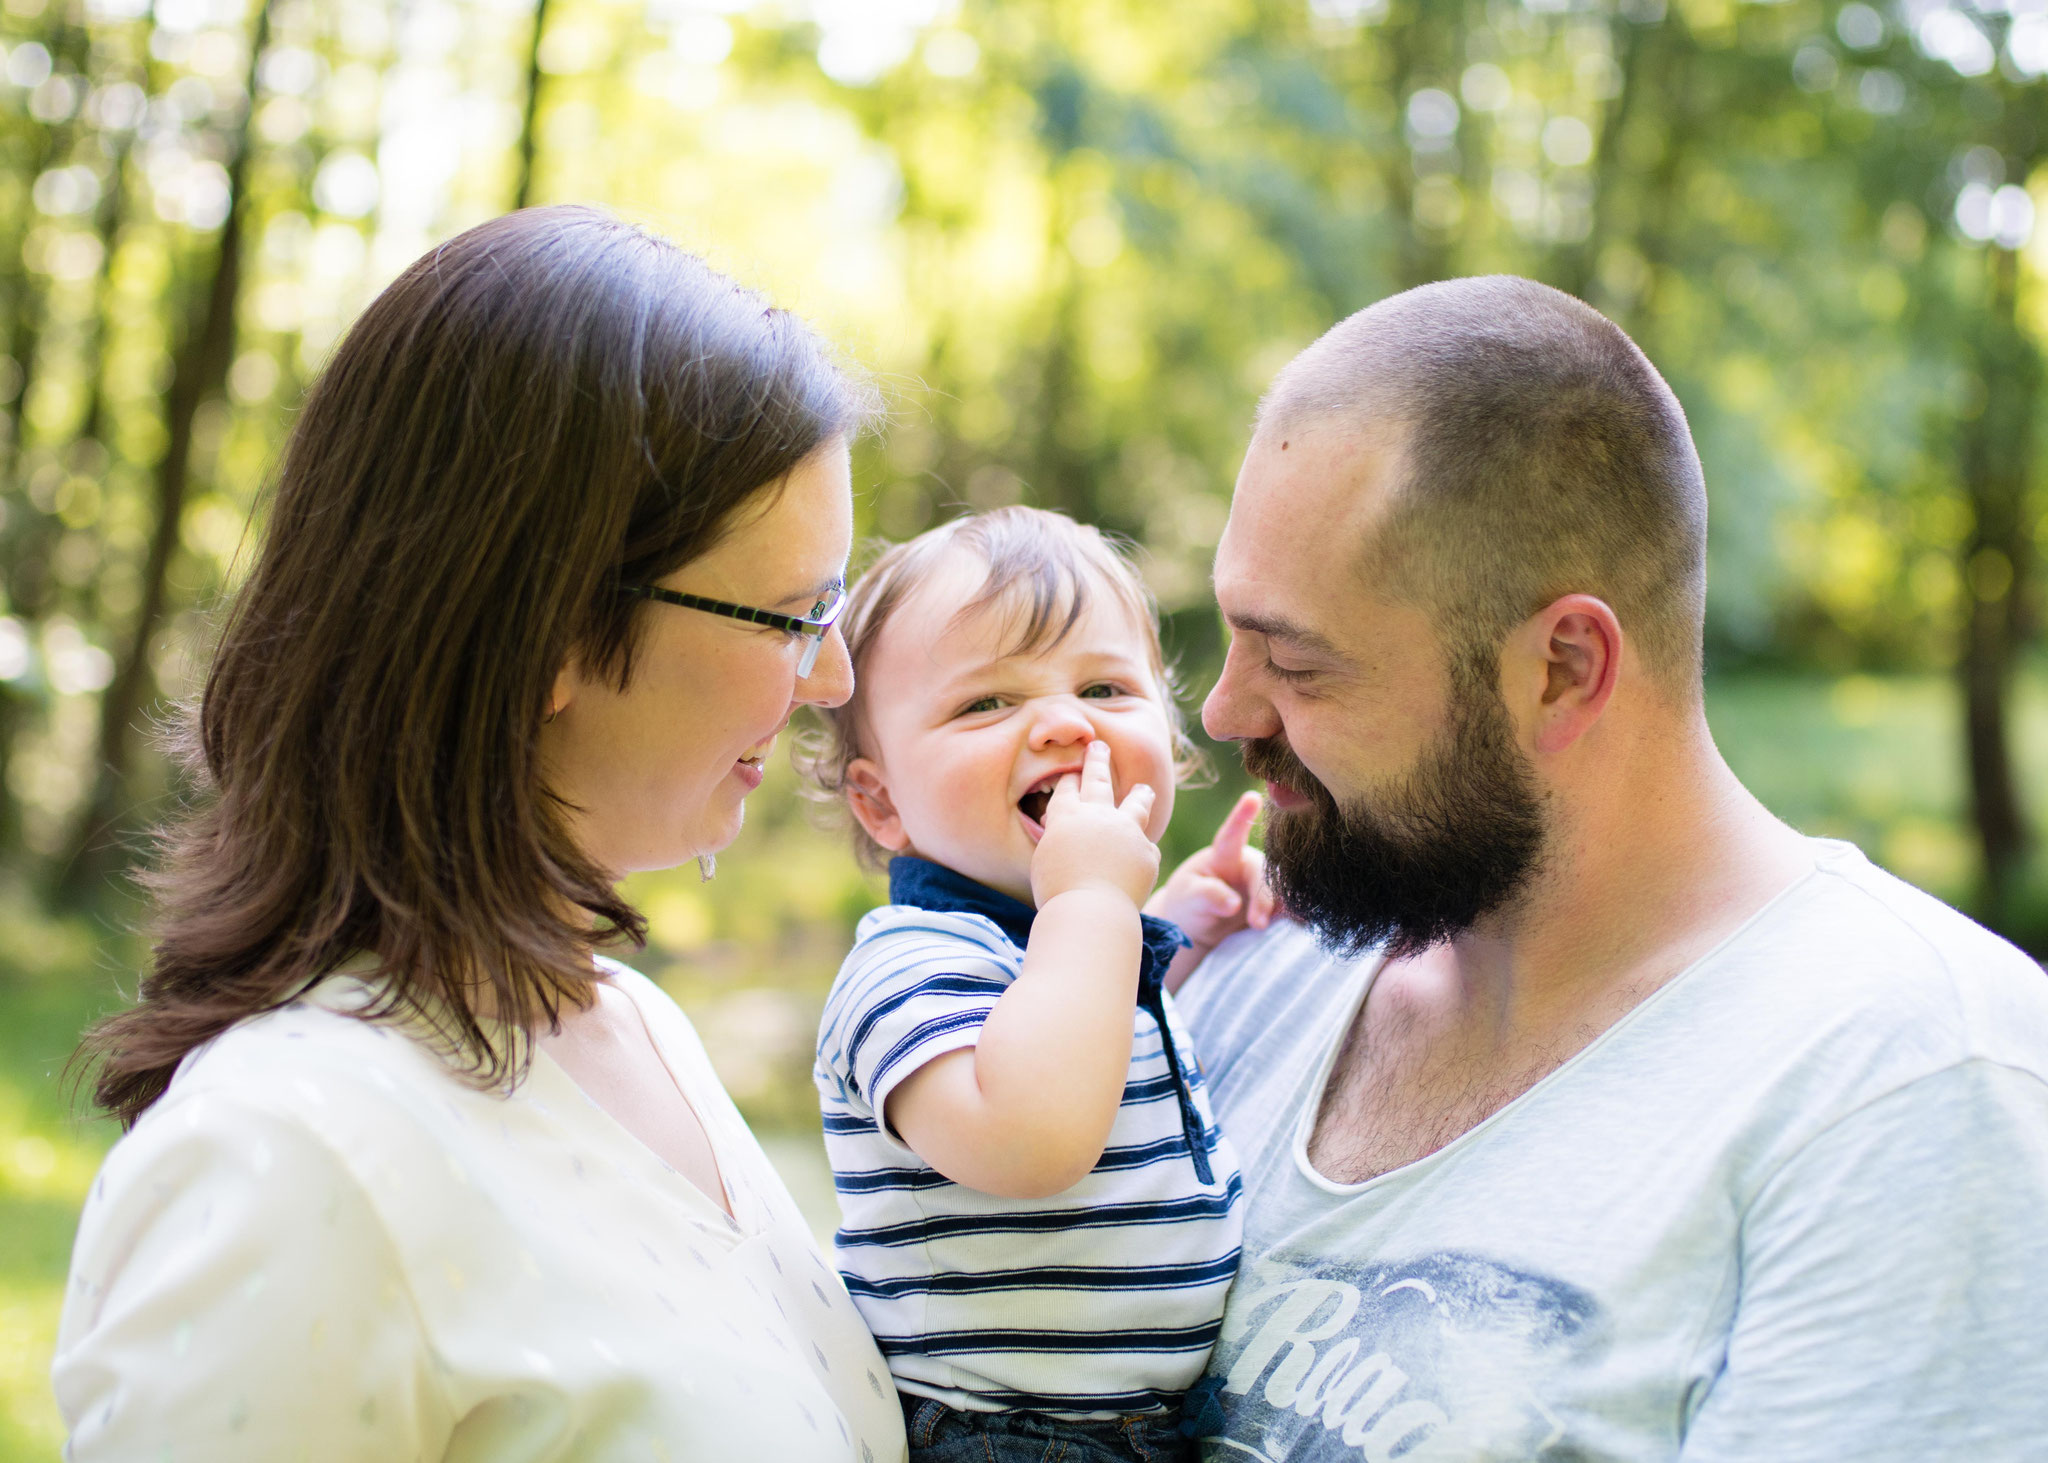 natürliche, authentische Familienbilder Saarland